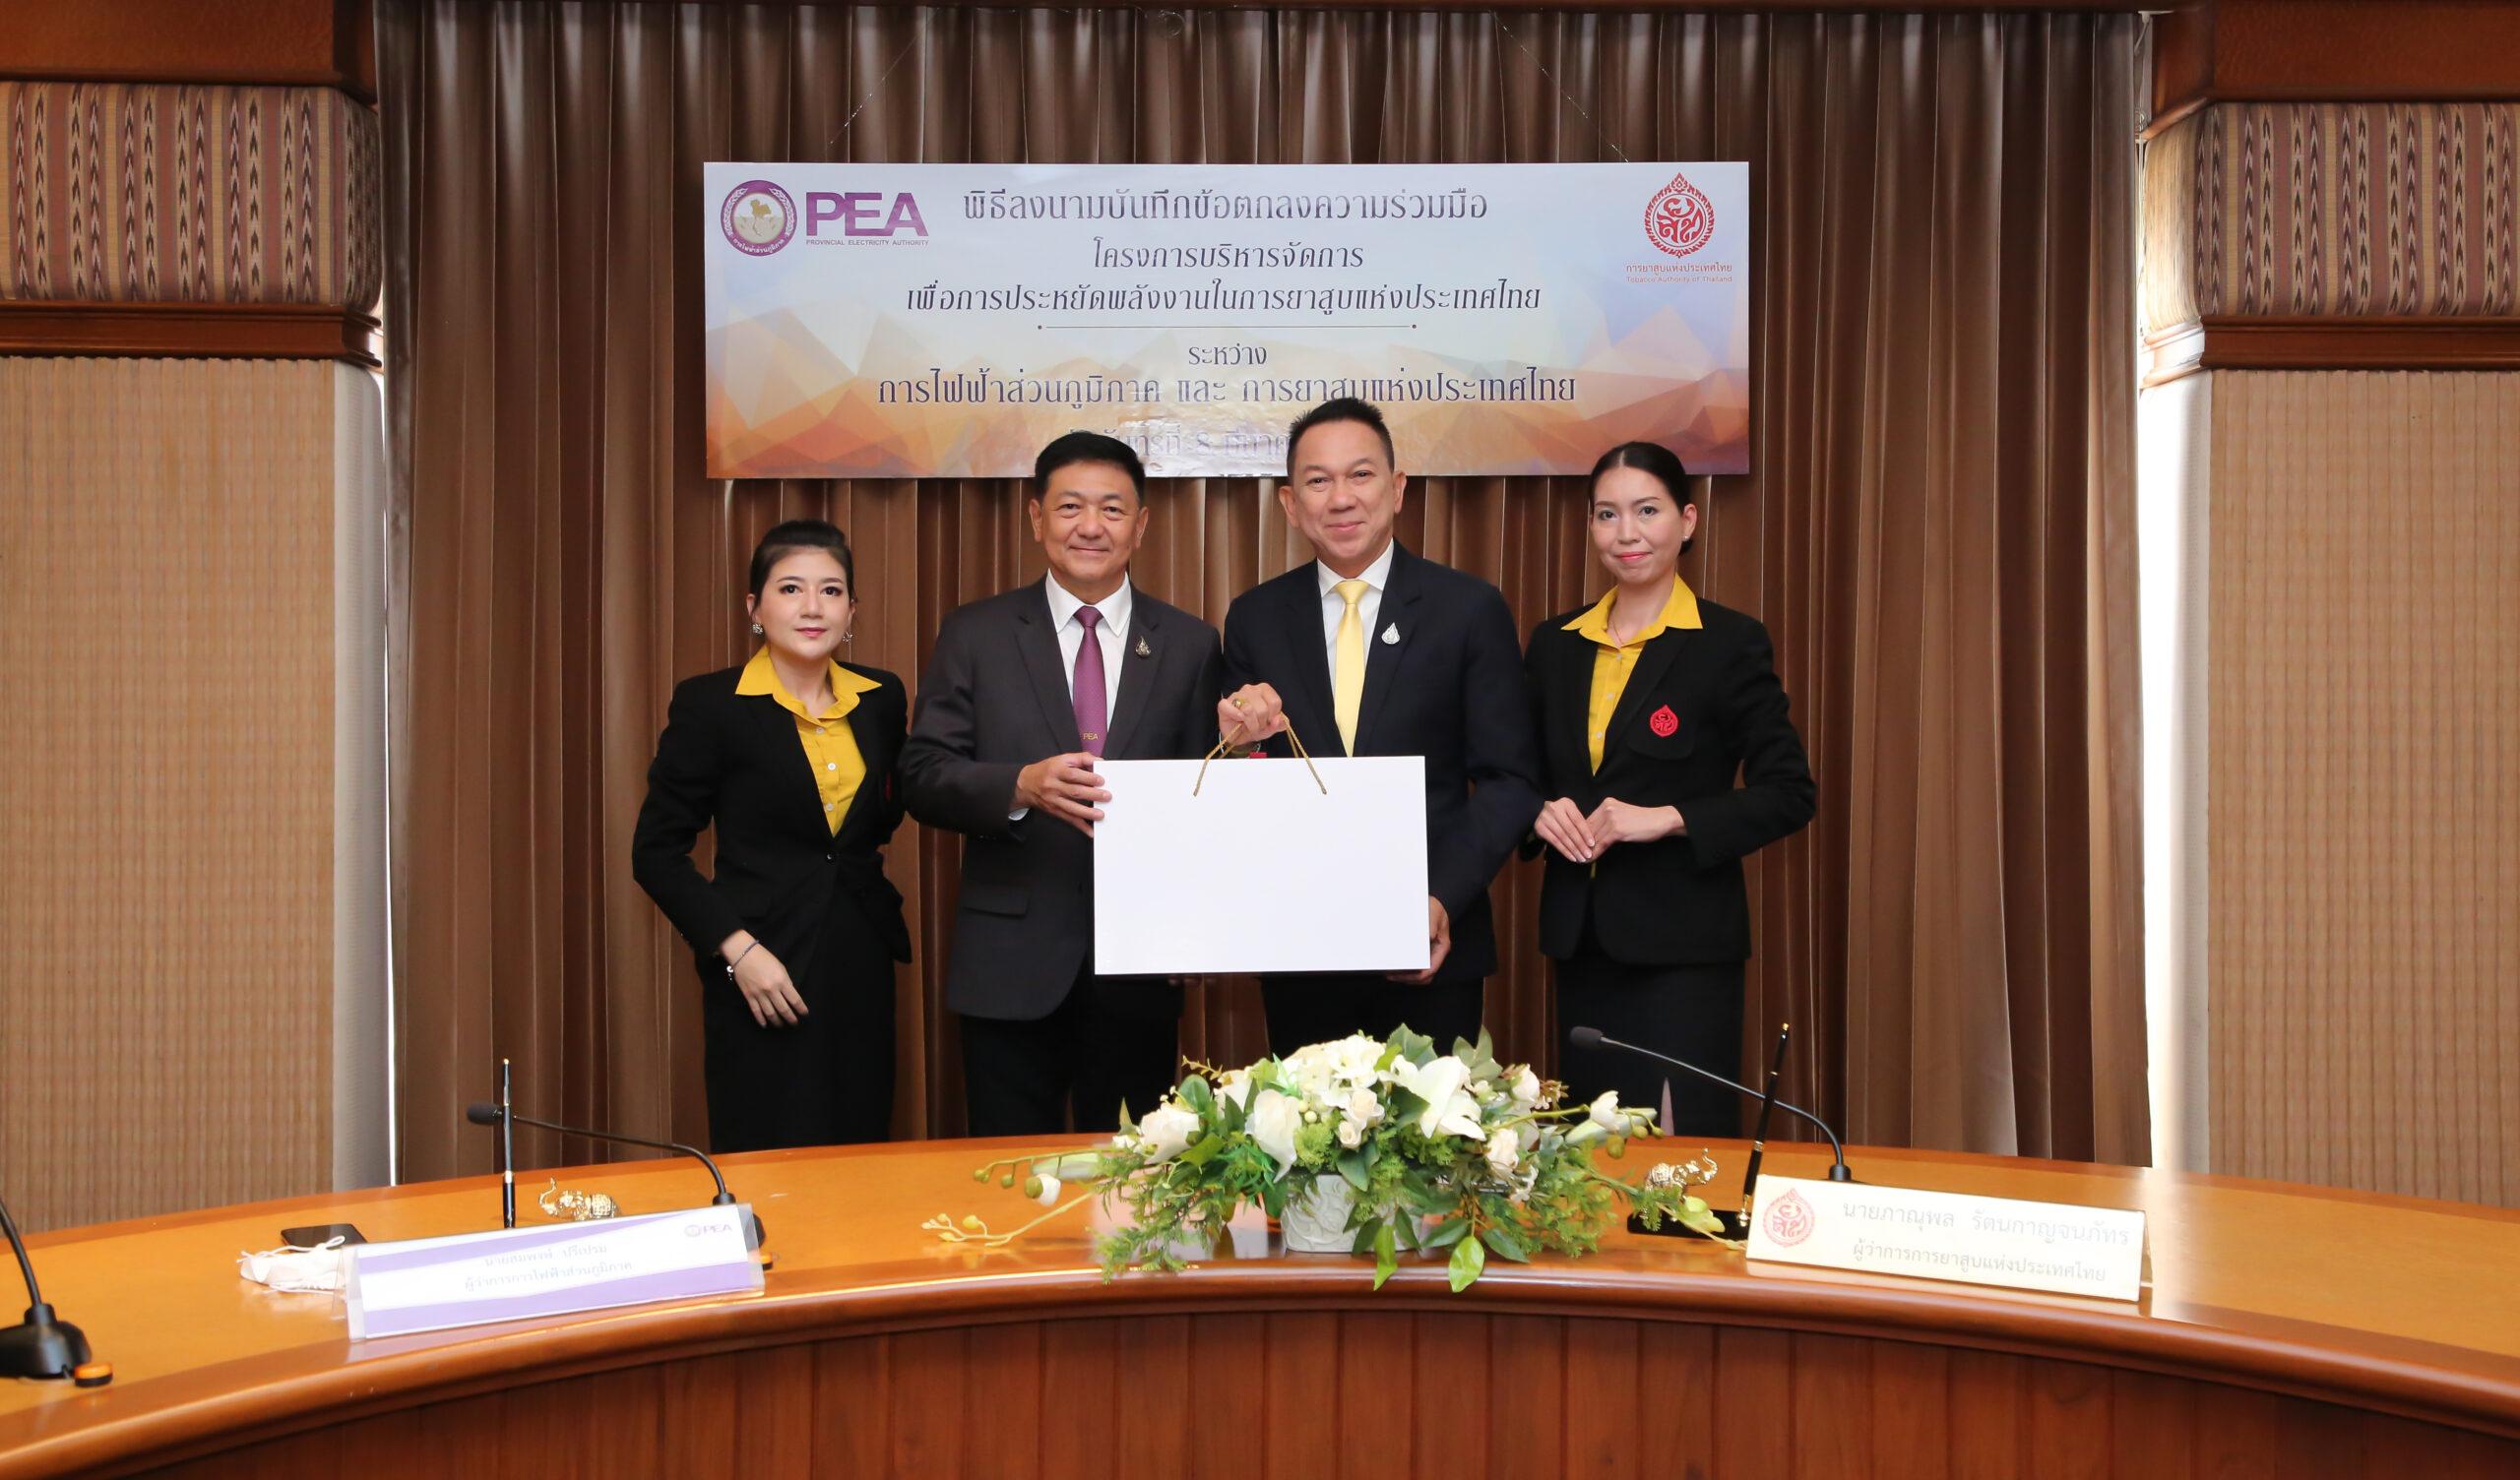 การยาสูบแห่งประเทศไทย จับมือการไฟฟ้าส่วนภูมิภาค พัฒนาโครงการบริหารจัดการเพื่อประหยัดพลังงานในองค์กร